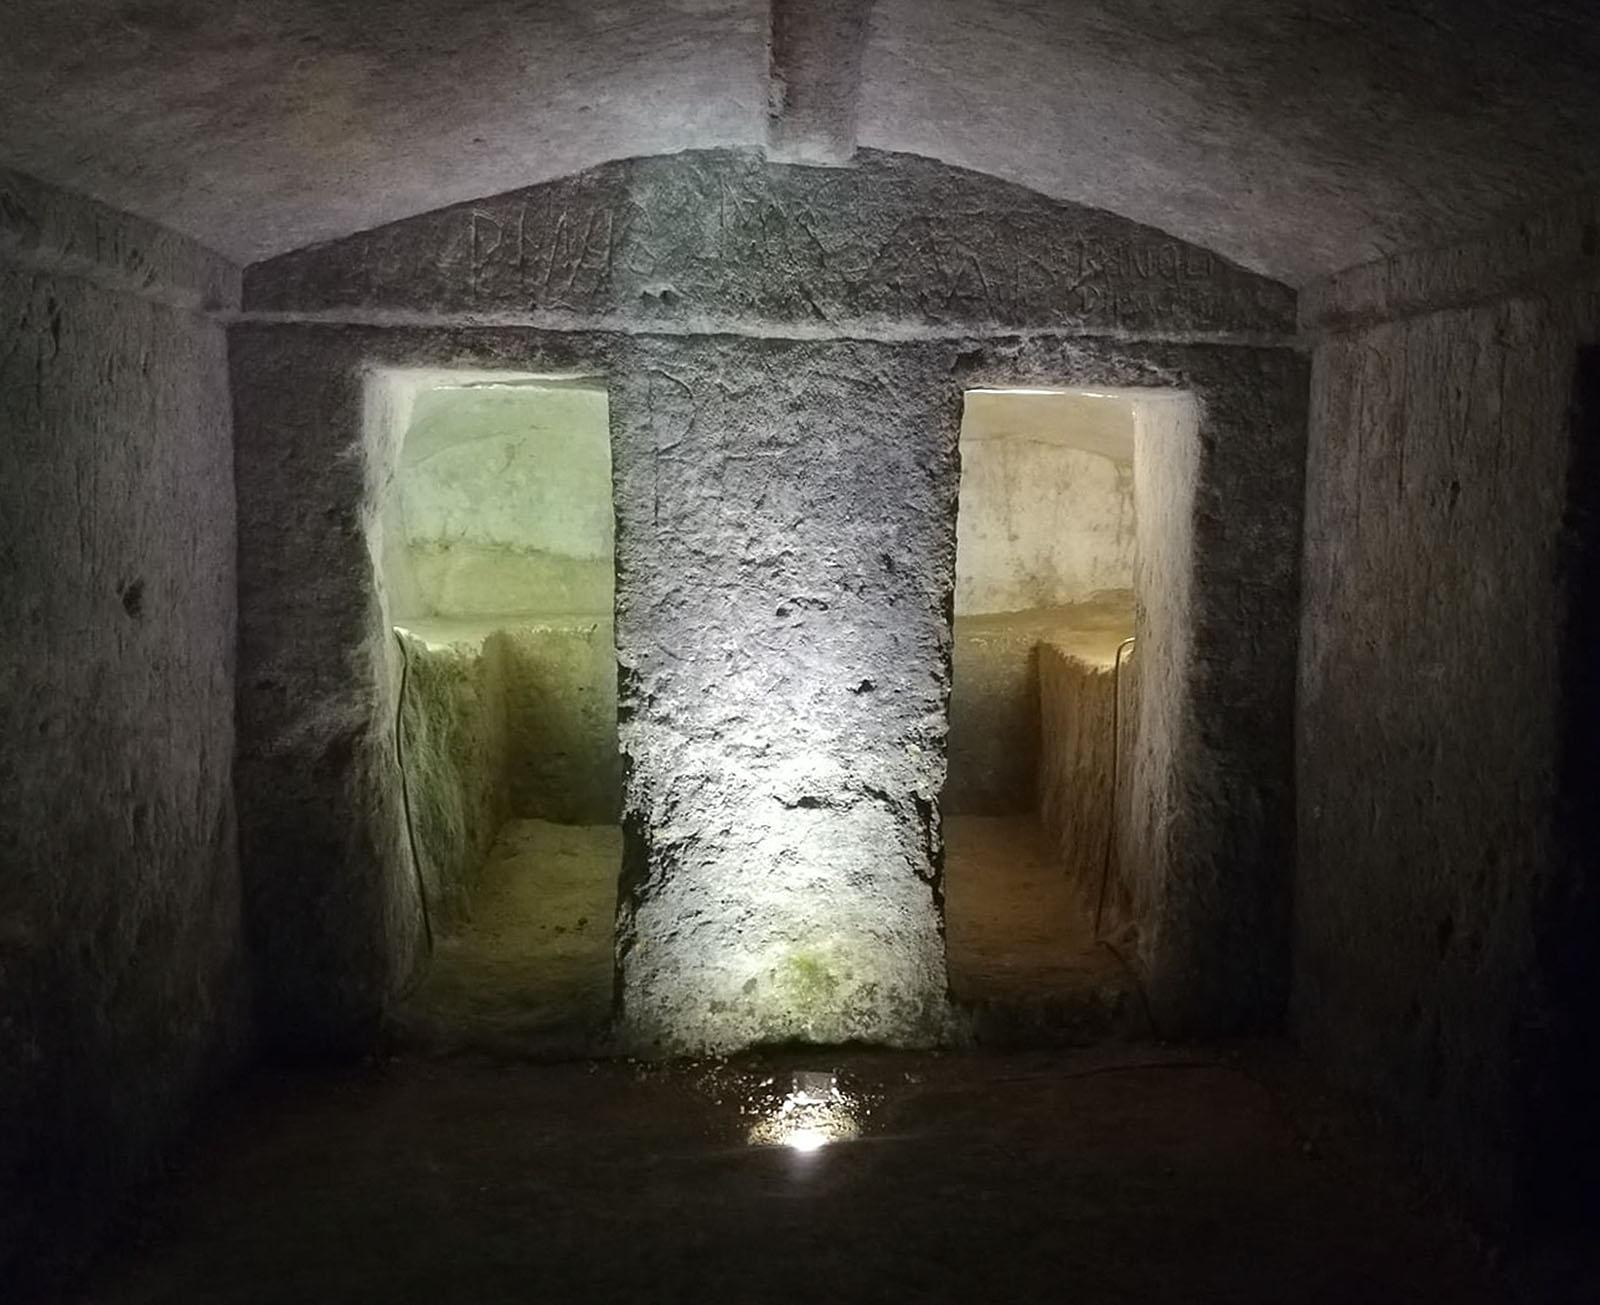 Parco Archeologico di Dometaia tombe visit Colle di Val dElsa borgo medievale Toscana